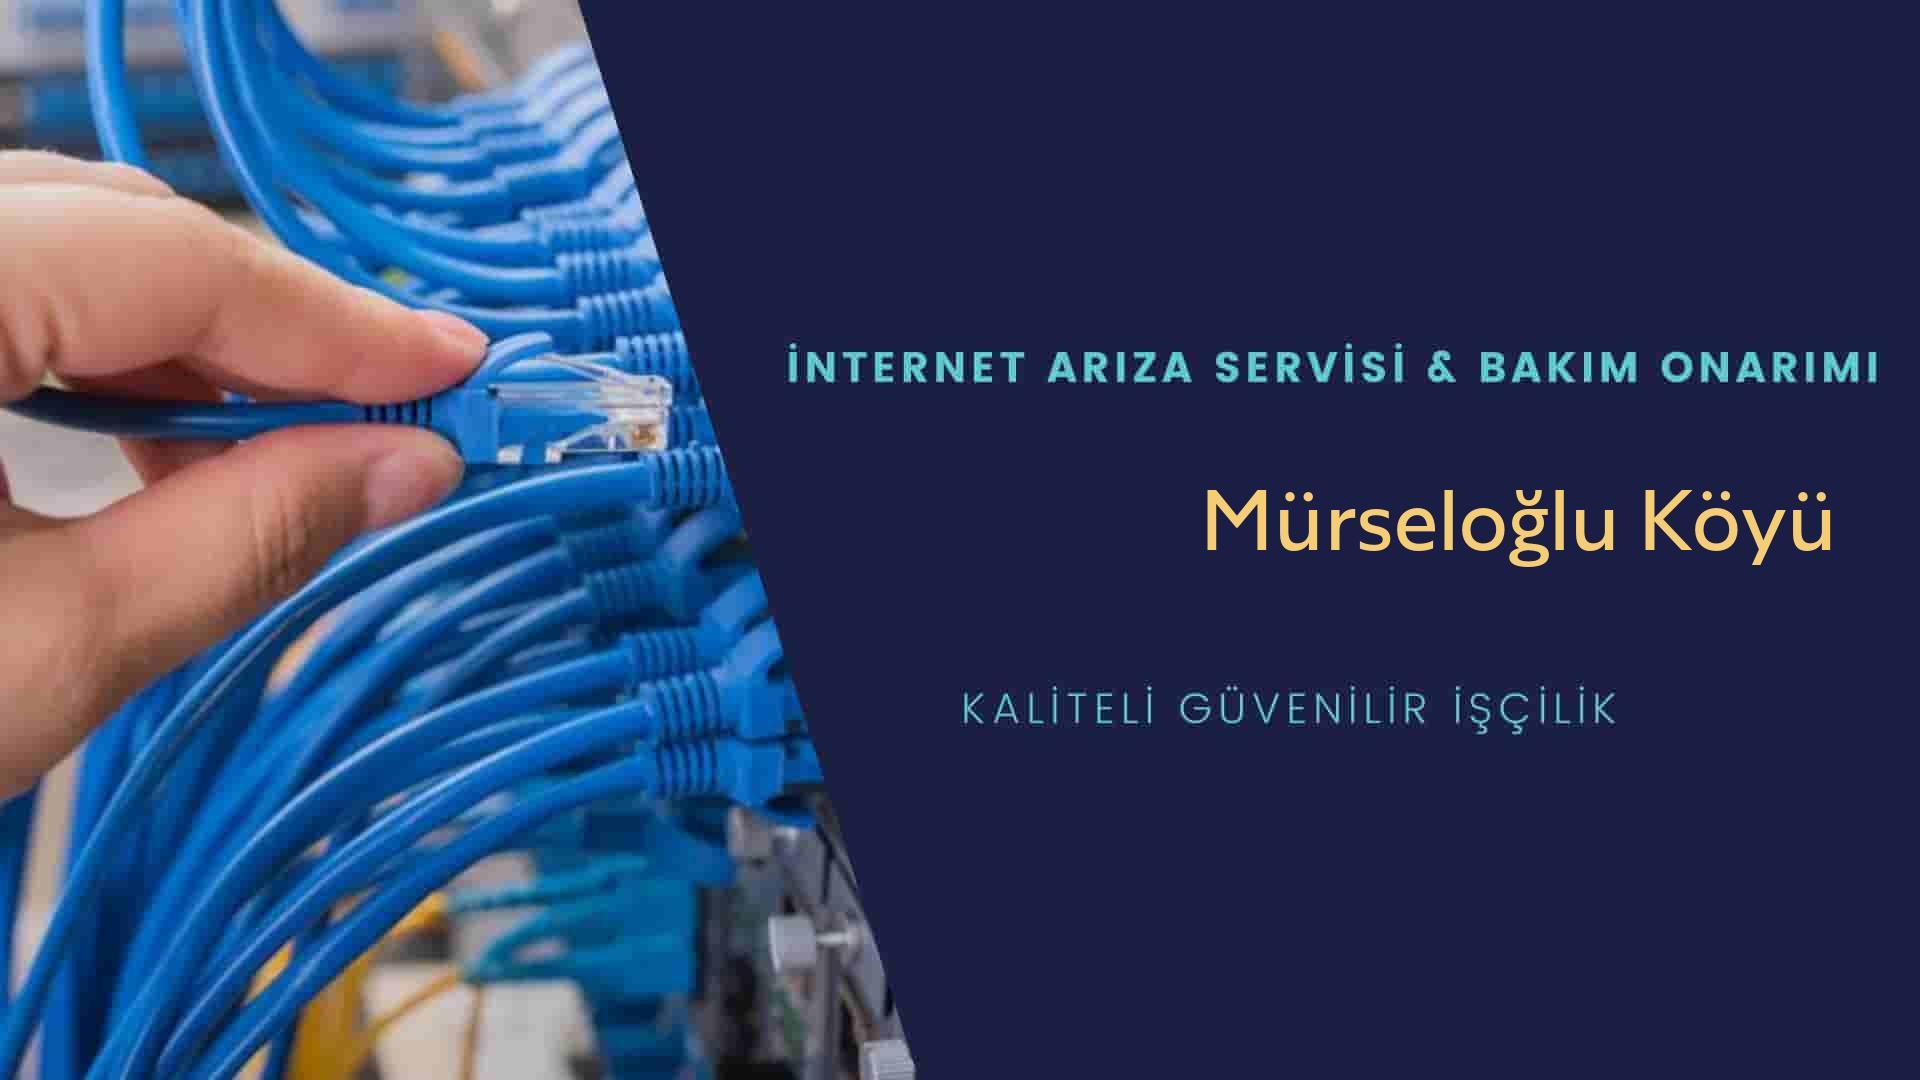 Mürseloğlu Köyü internet kablosu çekimi yapan yerler veya elektrikçiler mi? arıyorsunuz doğru yerdesiniz o zaman sizlere 7/24 yardımcı olacak profesyonel ustalarımız bir telefon kadar yakındır size.